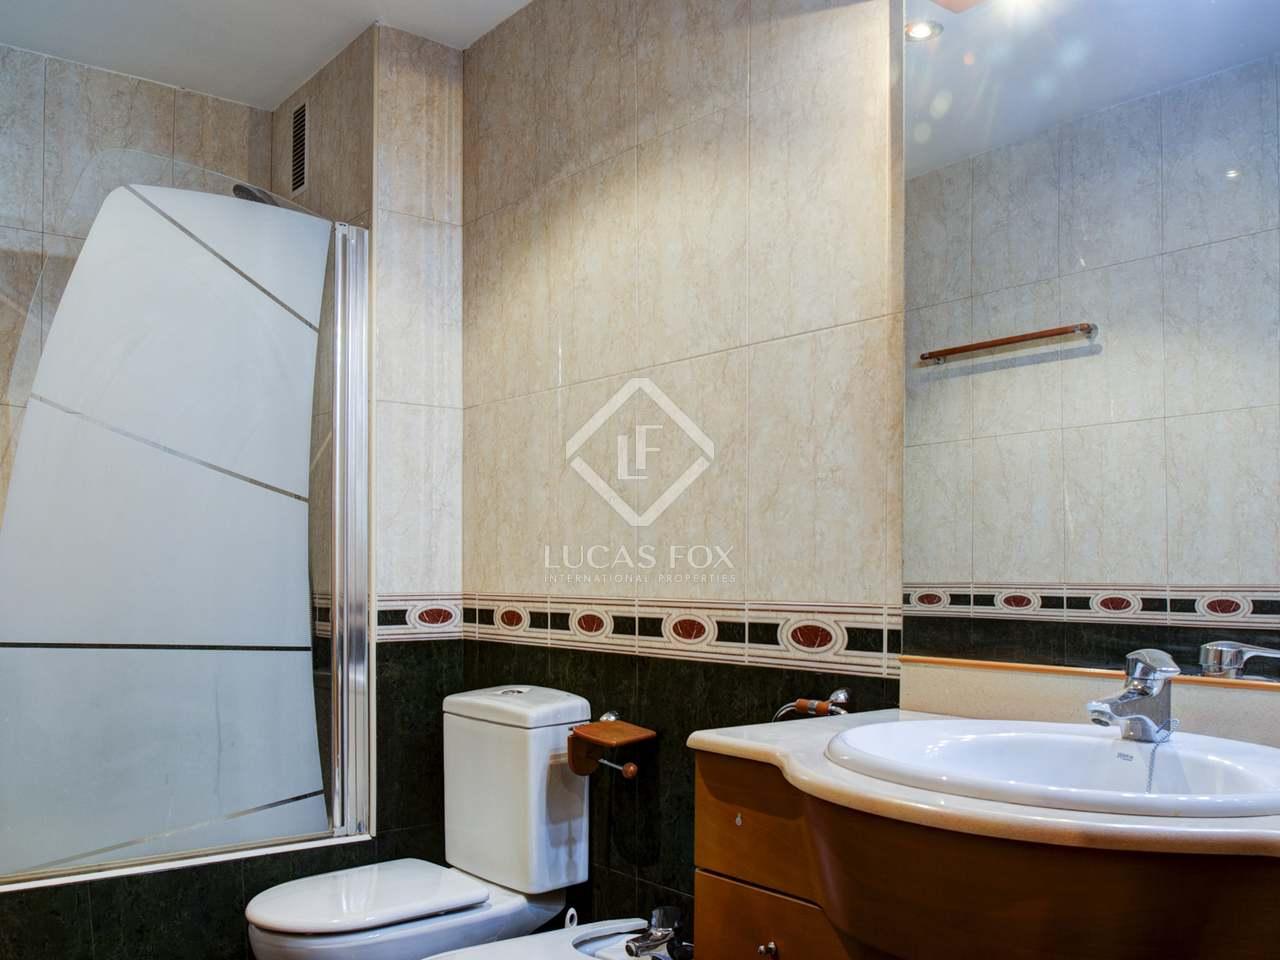 Appartement van 145m te koop in urb de llevant tarragona for Huis appartement te koop